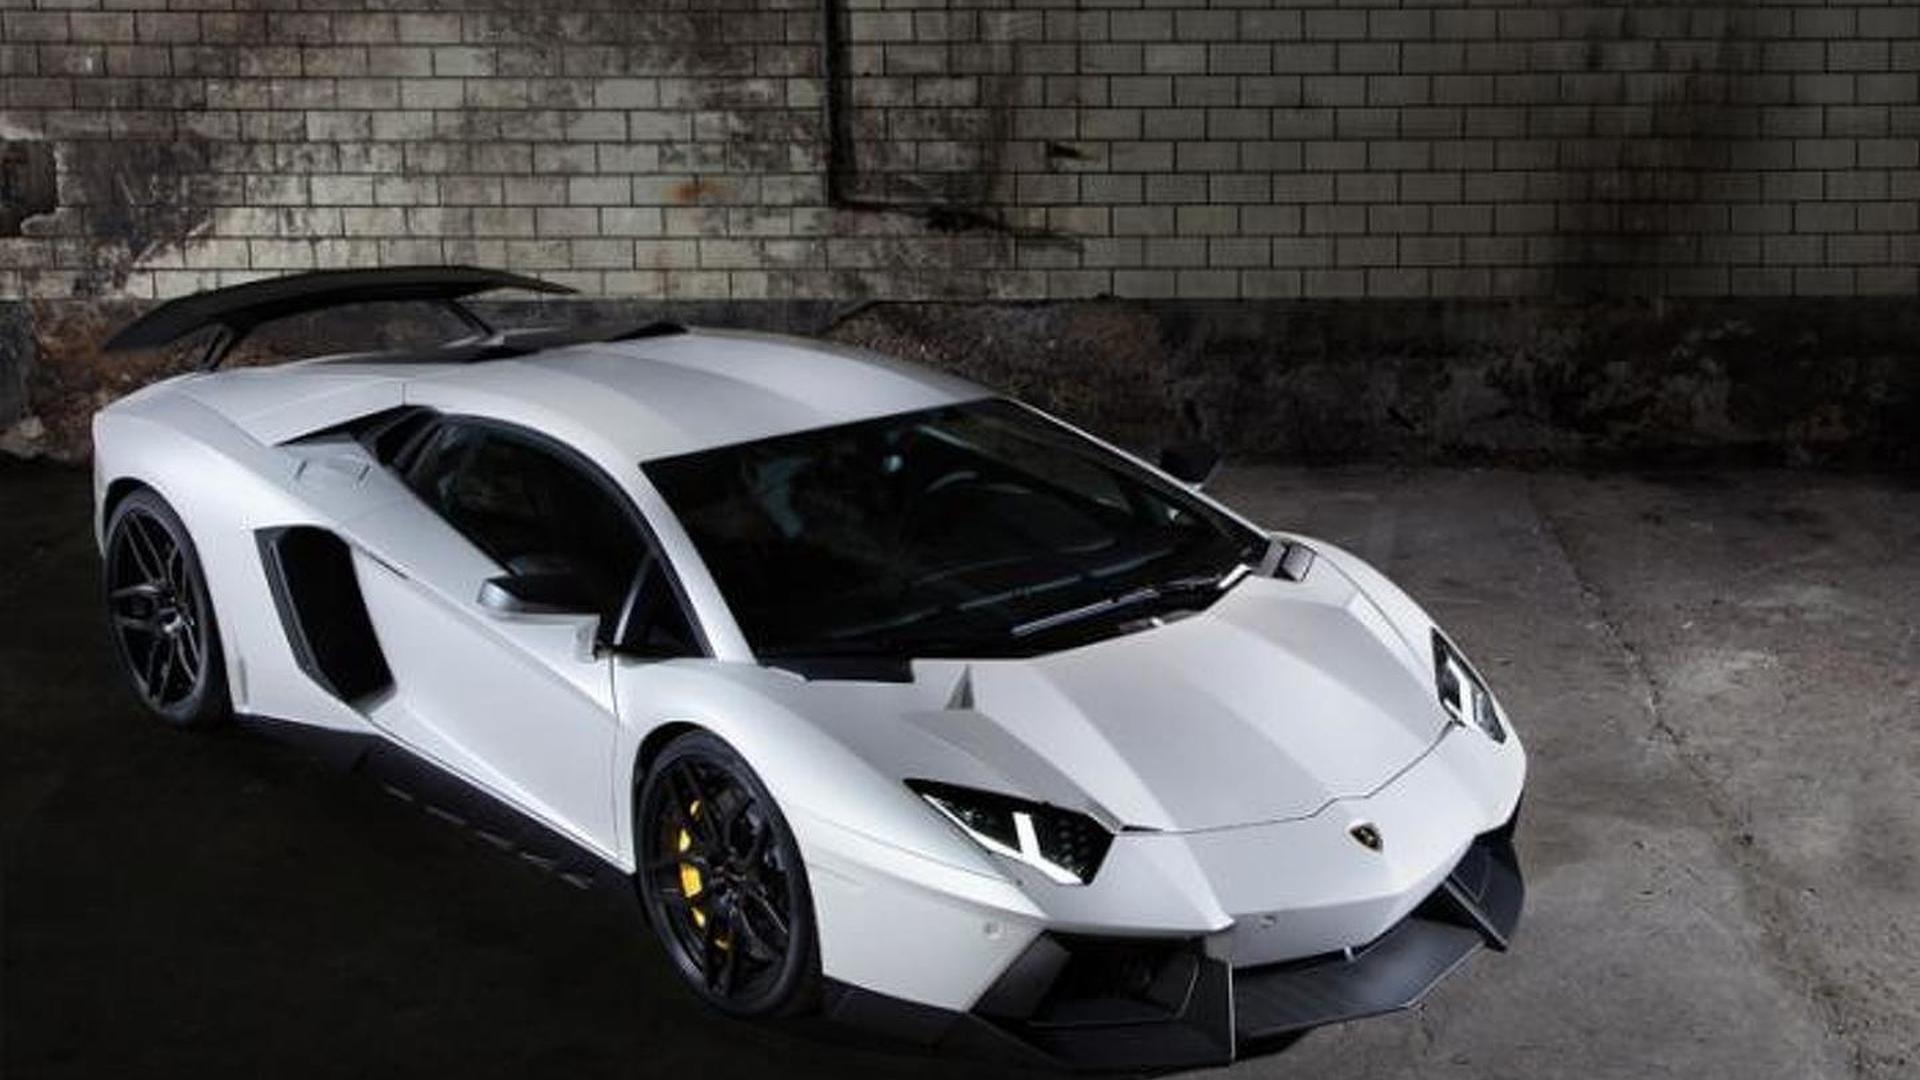 Двигатель Lamborghini Aventador выдает 740 л.с.